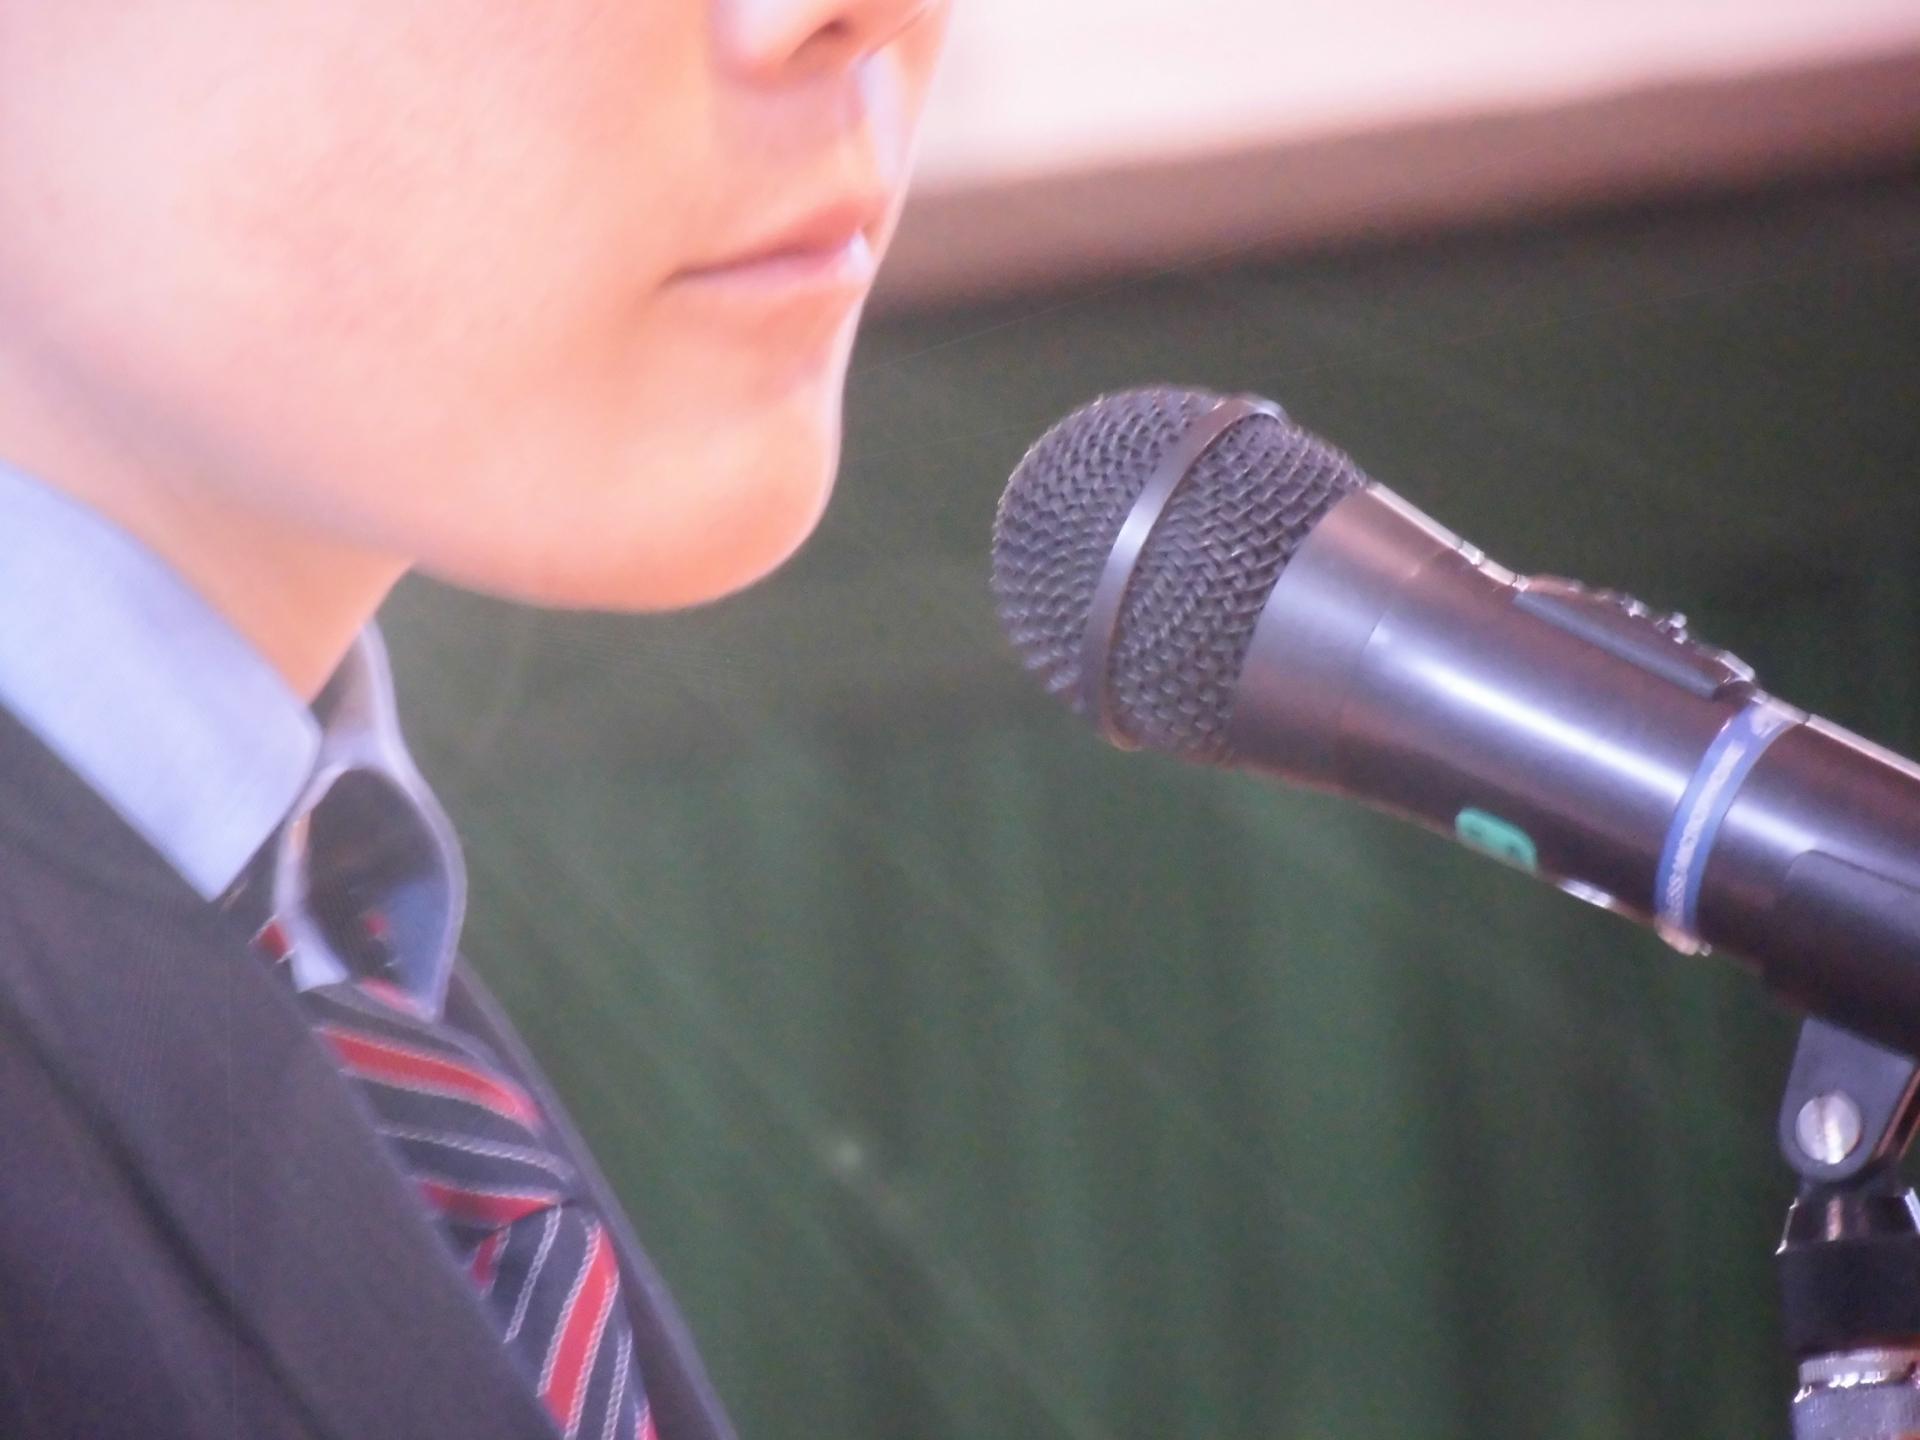 朝礼でスピーチ!緊張で震えるときに役立つ対処法をご紹介